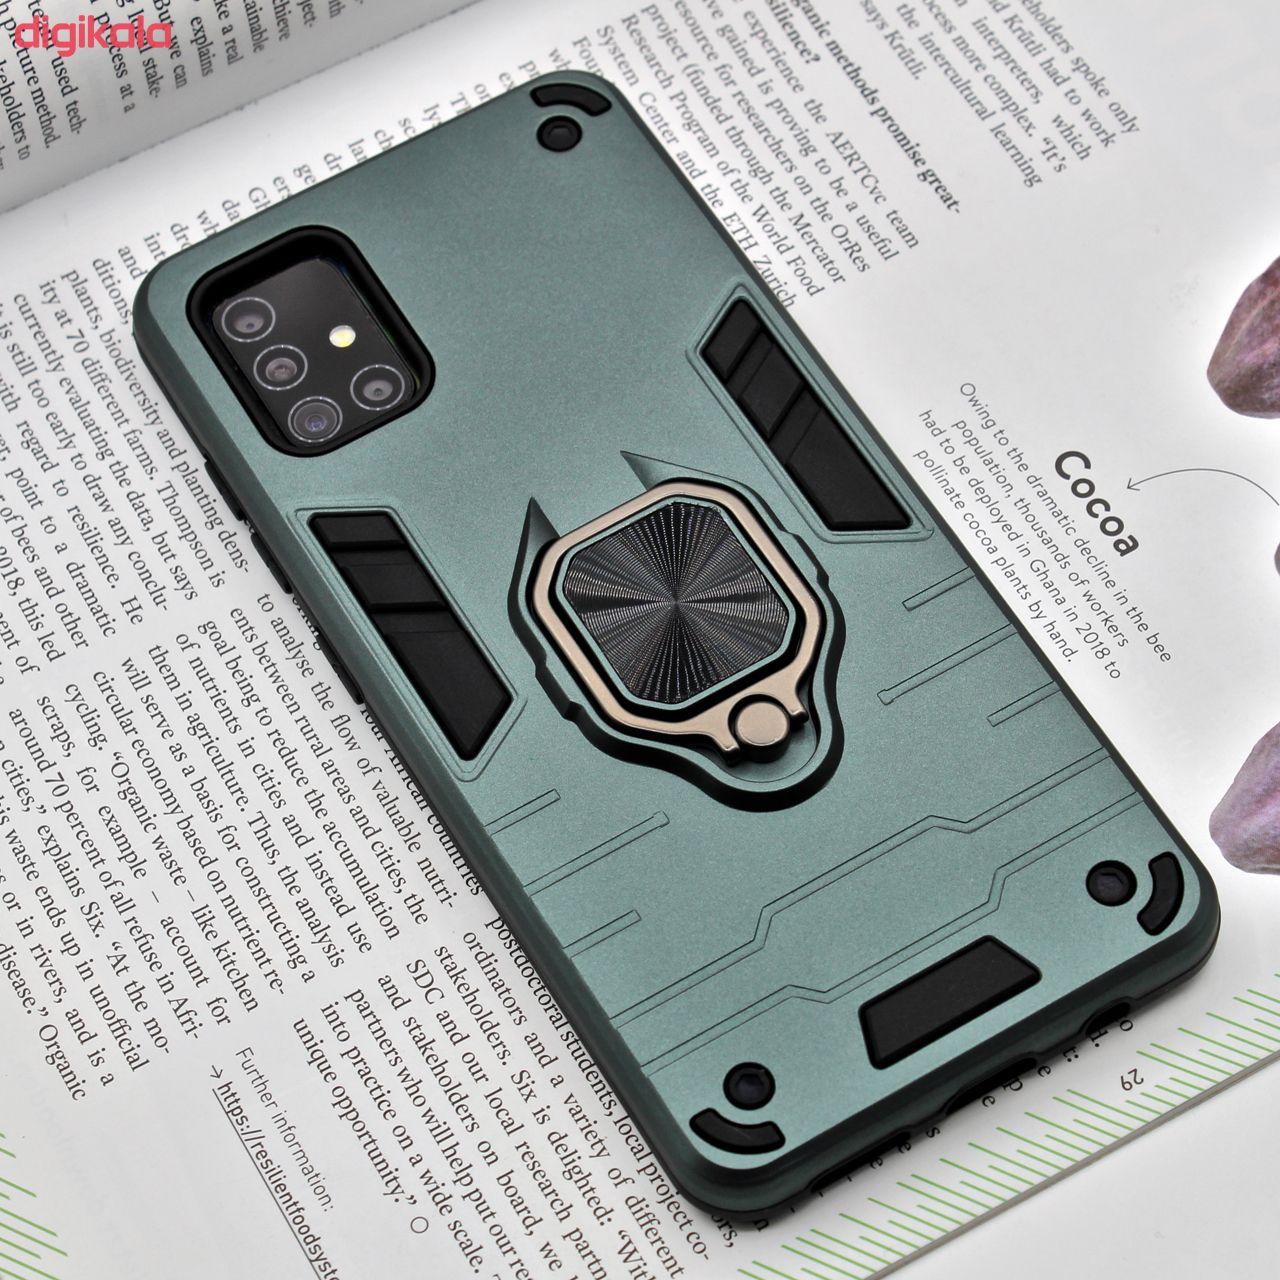 کاور کینگ پاور مدل ASH22 مناسب برای گوشی موبایل سامسونگ Galaxy A51 main 1 5